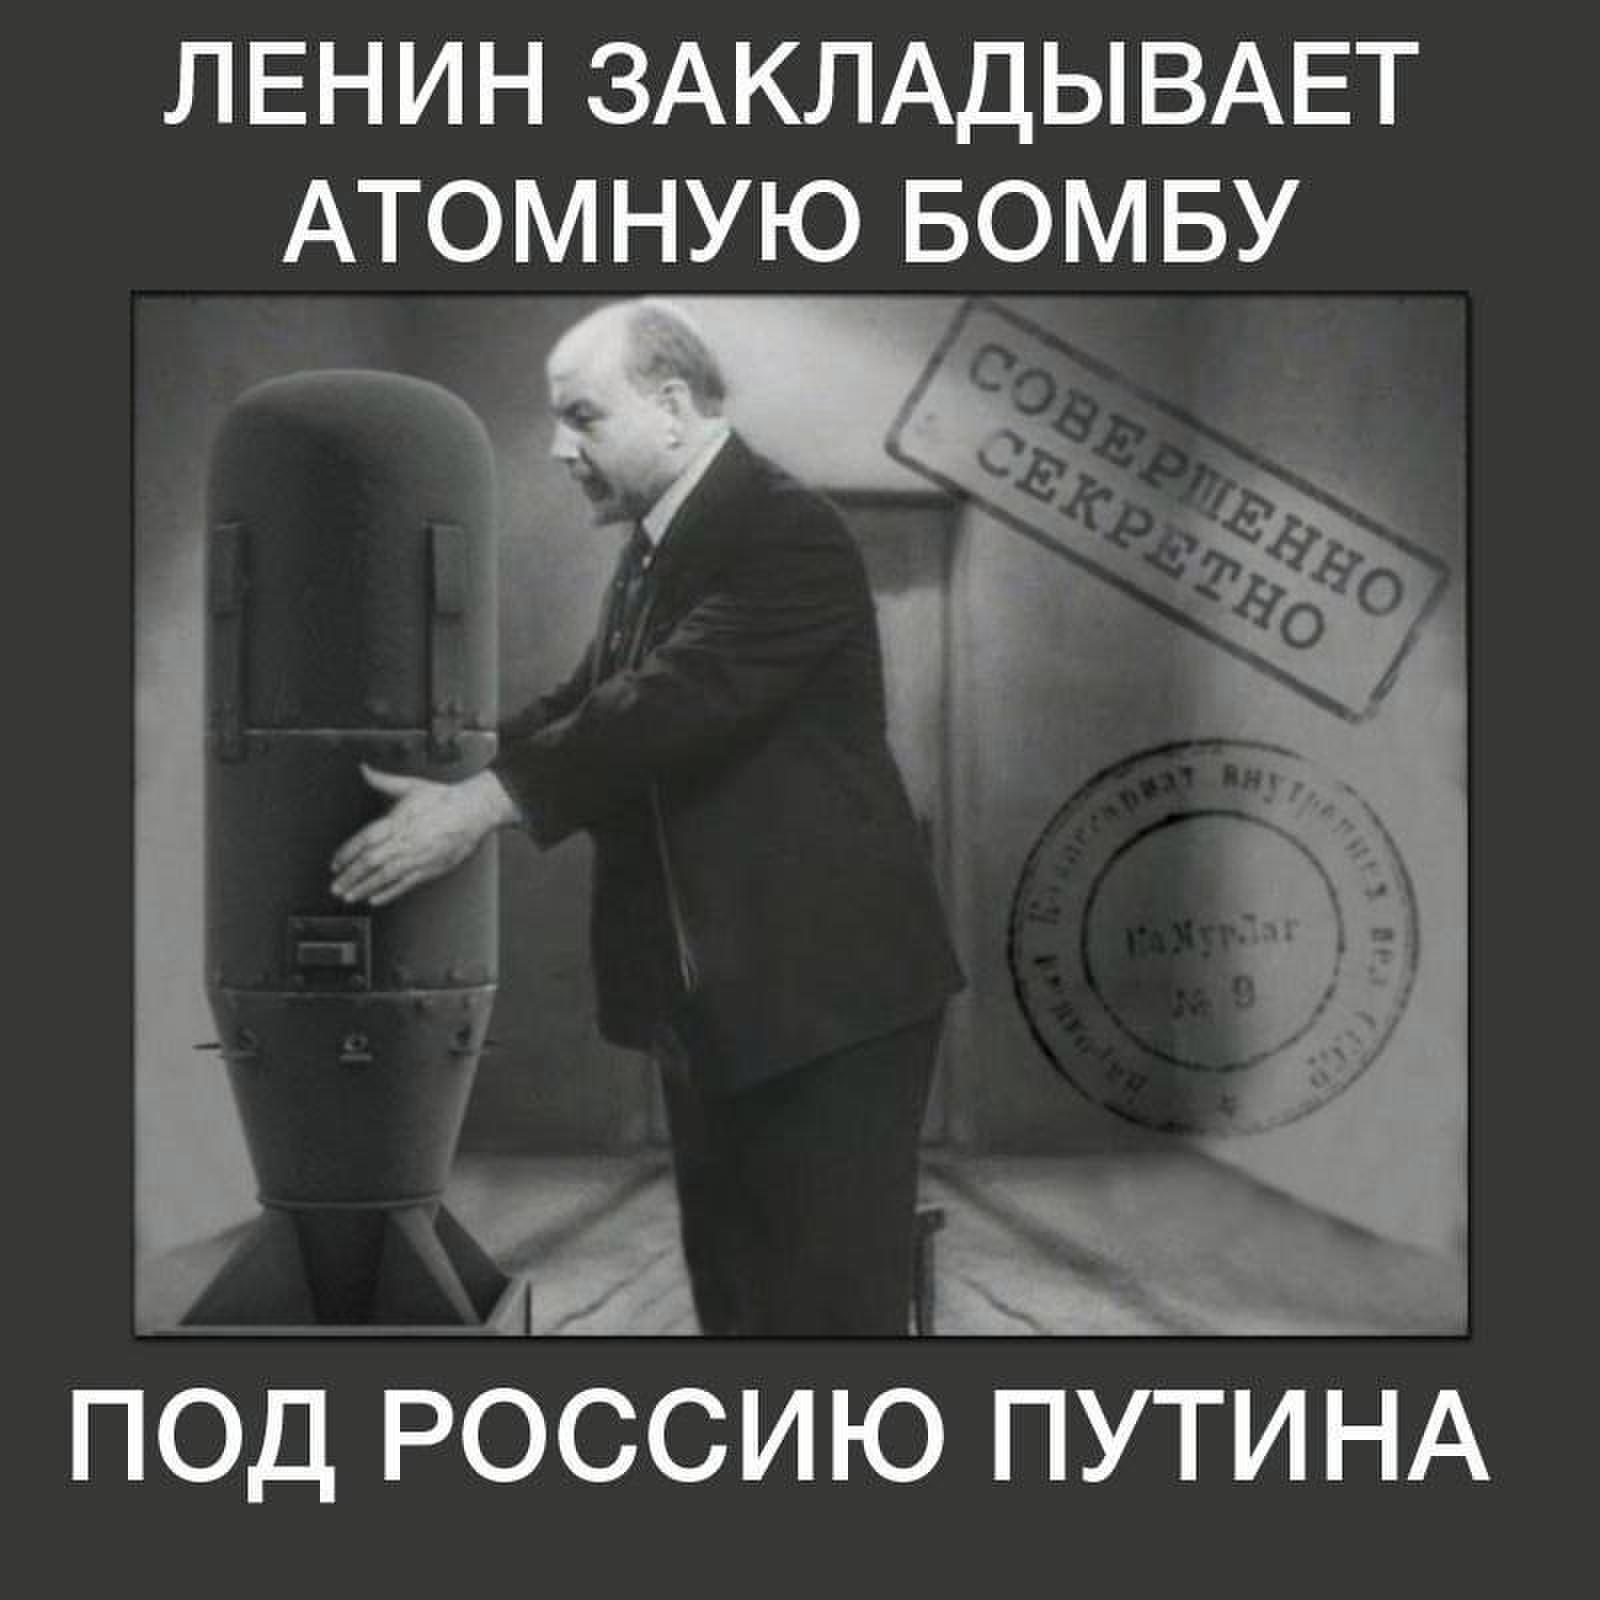 Ленин подкладывает атомную бомбу под Россию Путина